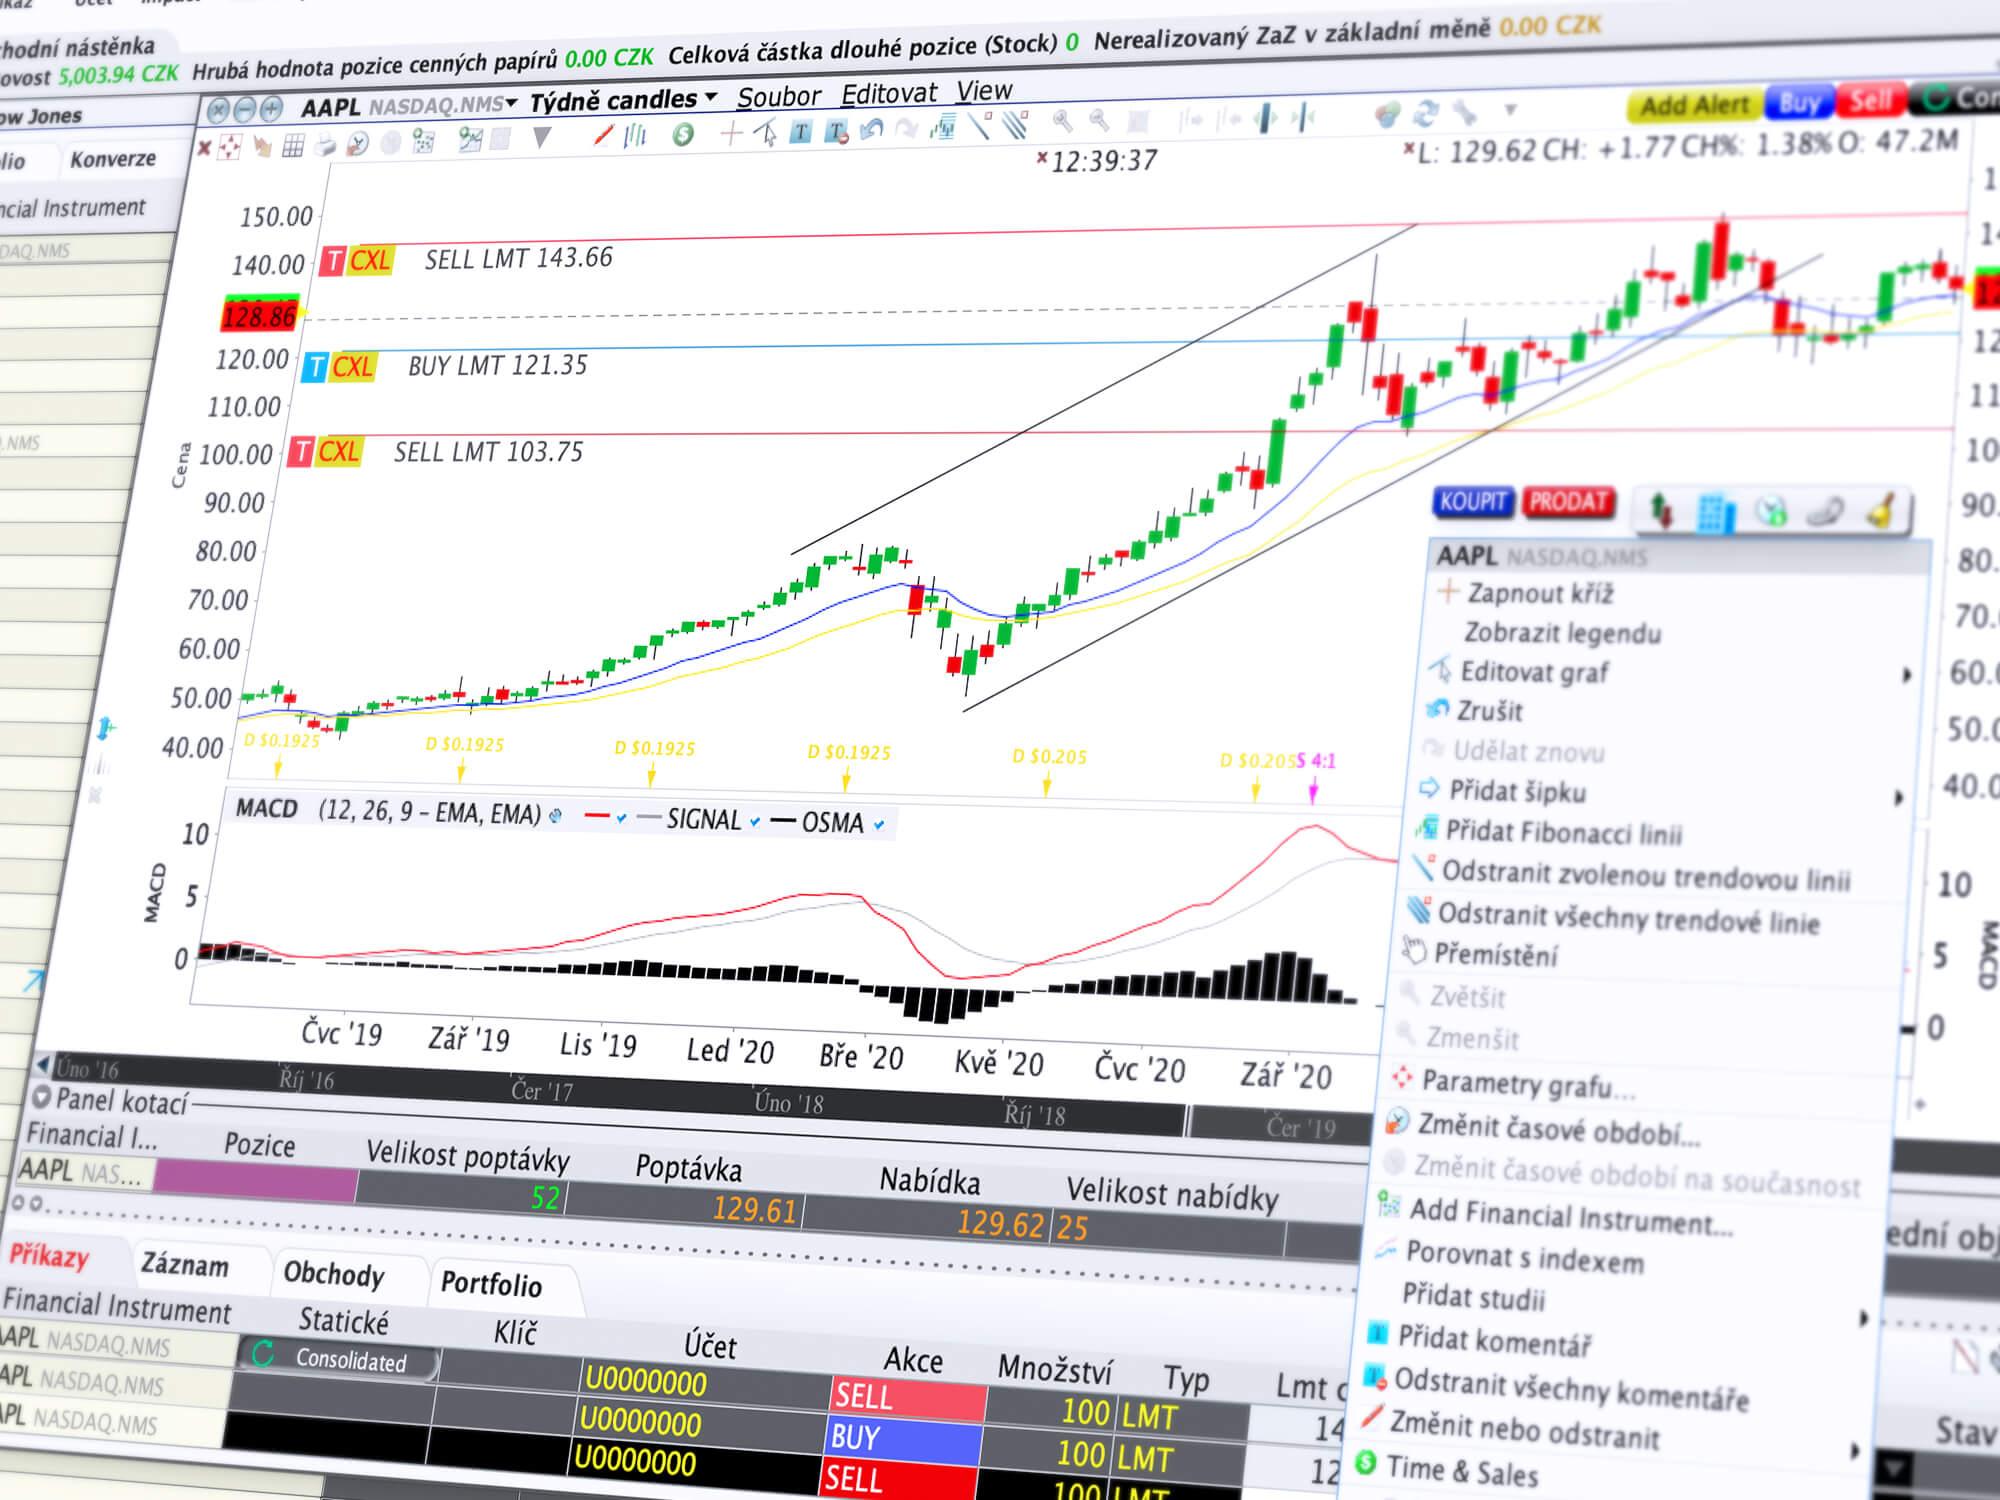 Detail obchodního nástroje ChartTrader, díky kterému můžete zadávat obchodní příkazy přímo z grafu